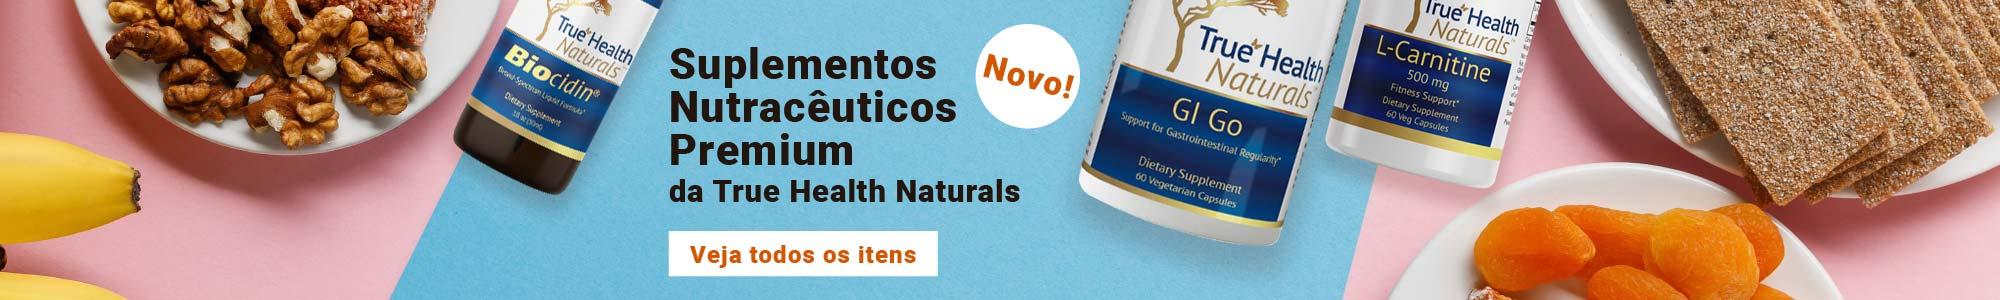 Novo! Suplementos Nutracêuticos Premium da True Health Naturals. Veja todos os itens.